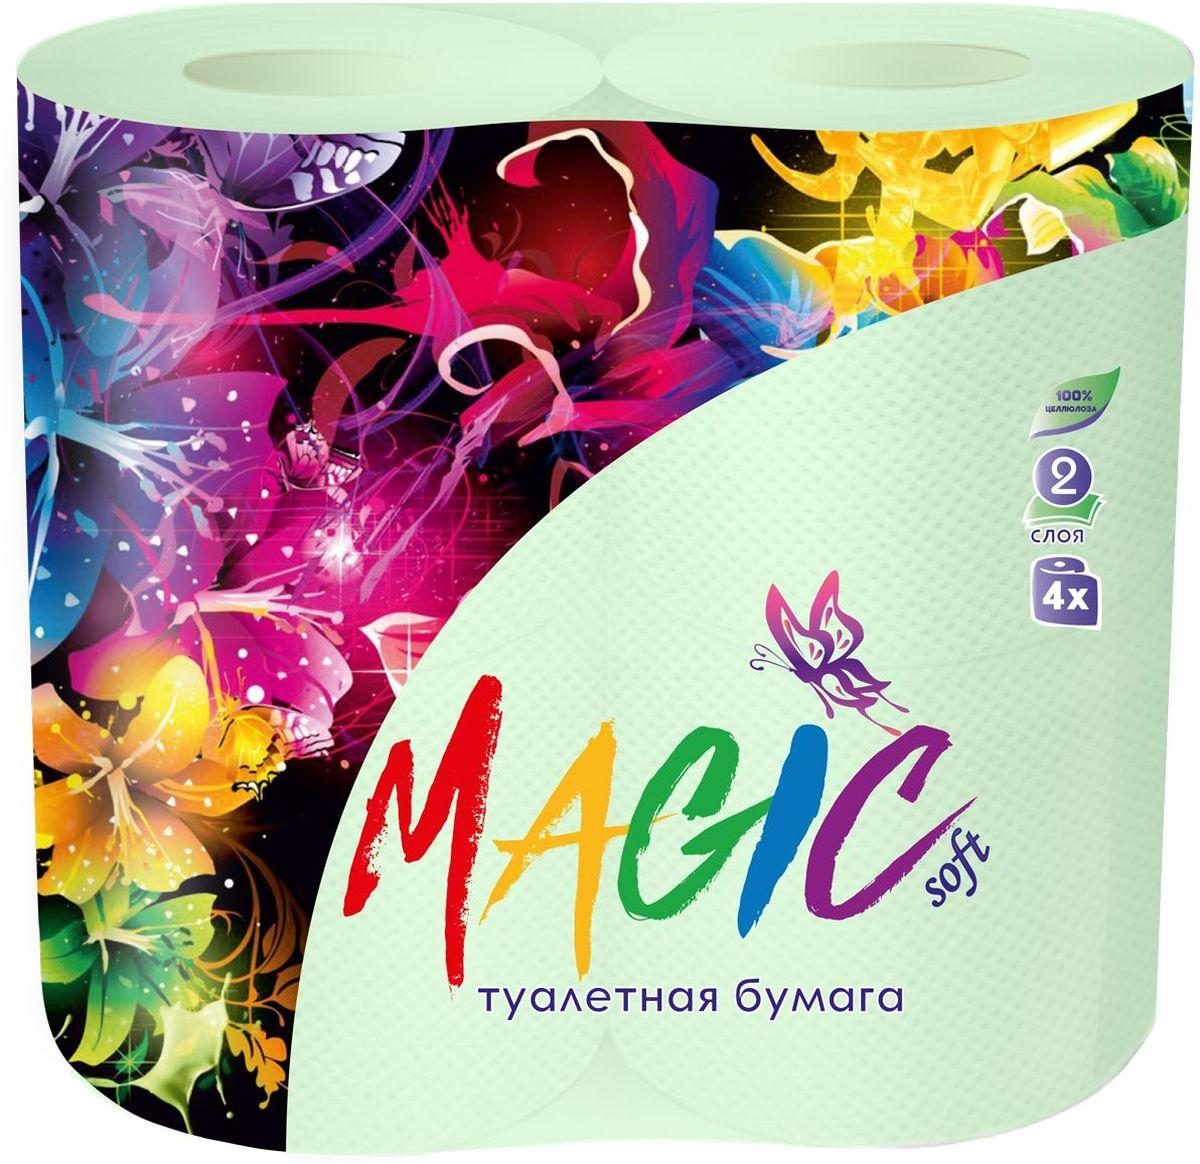 Туалетная бумага Magic Soft, цвет: зеленый, 4 рулона20041Туалетная бумага Magic имеет 2 слоя. Она предназначена для бытового и санитарно-гигиенического назначения.Одноразового использования. В комплекте: 4 рулона.